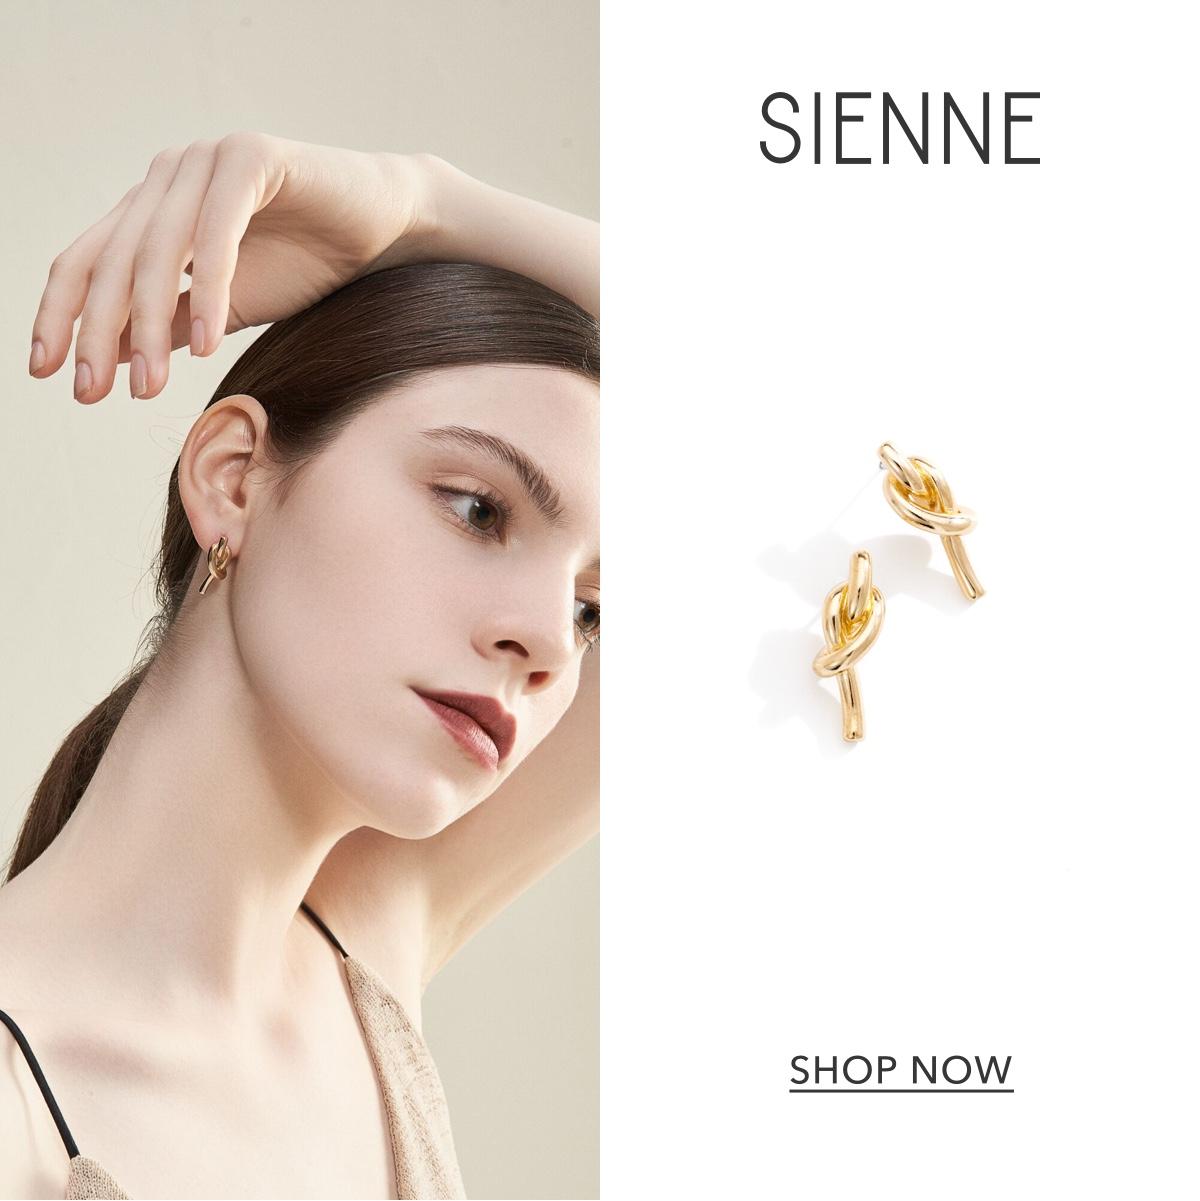 Sienne Earring